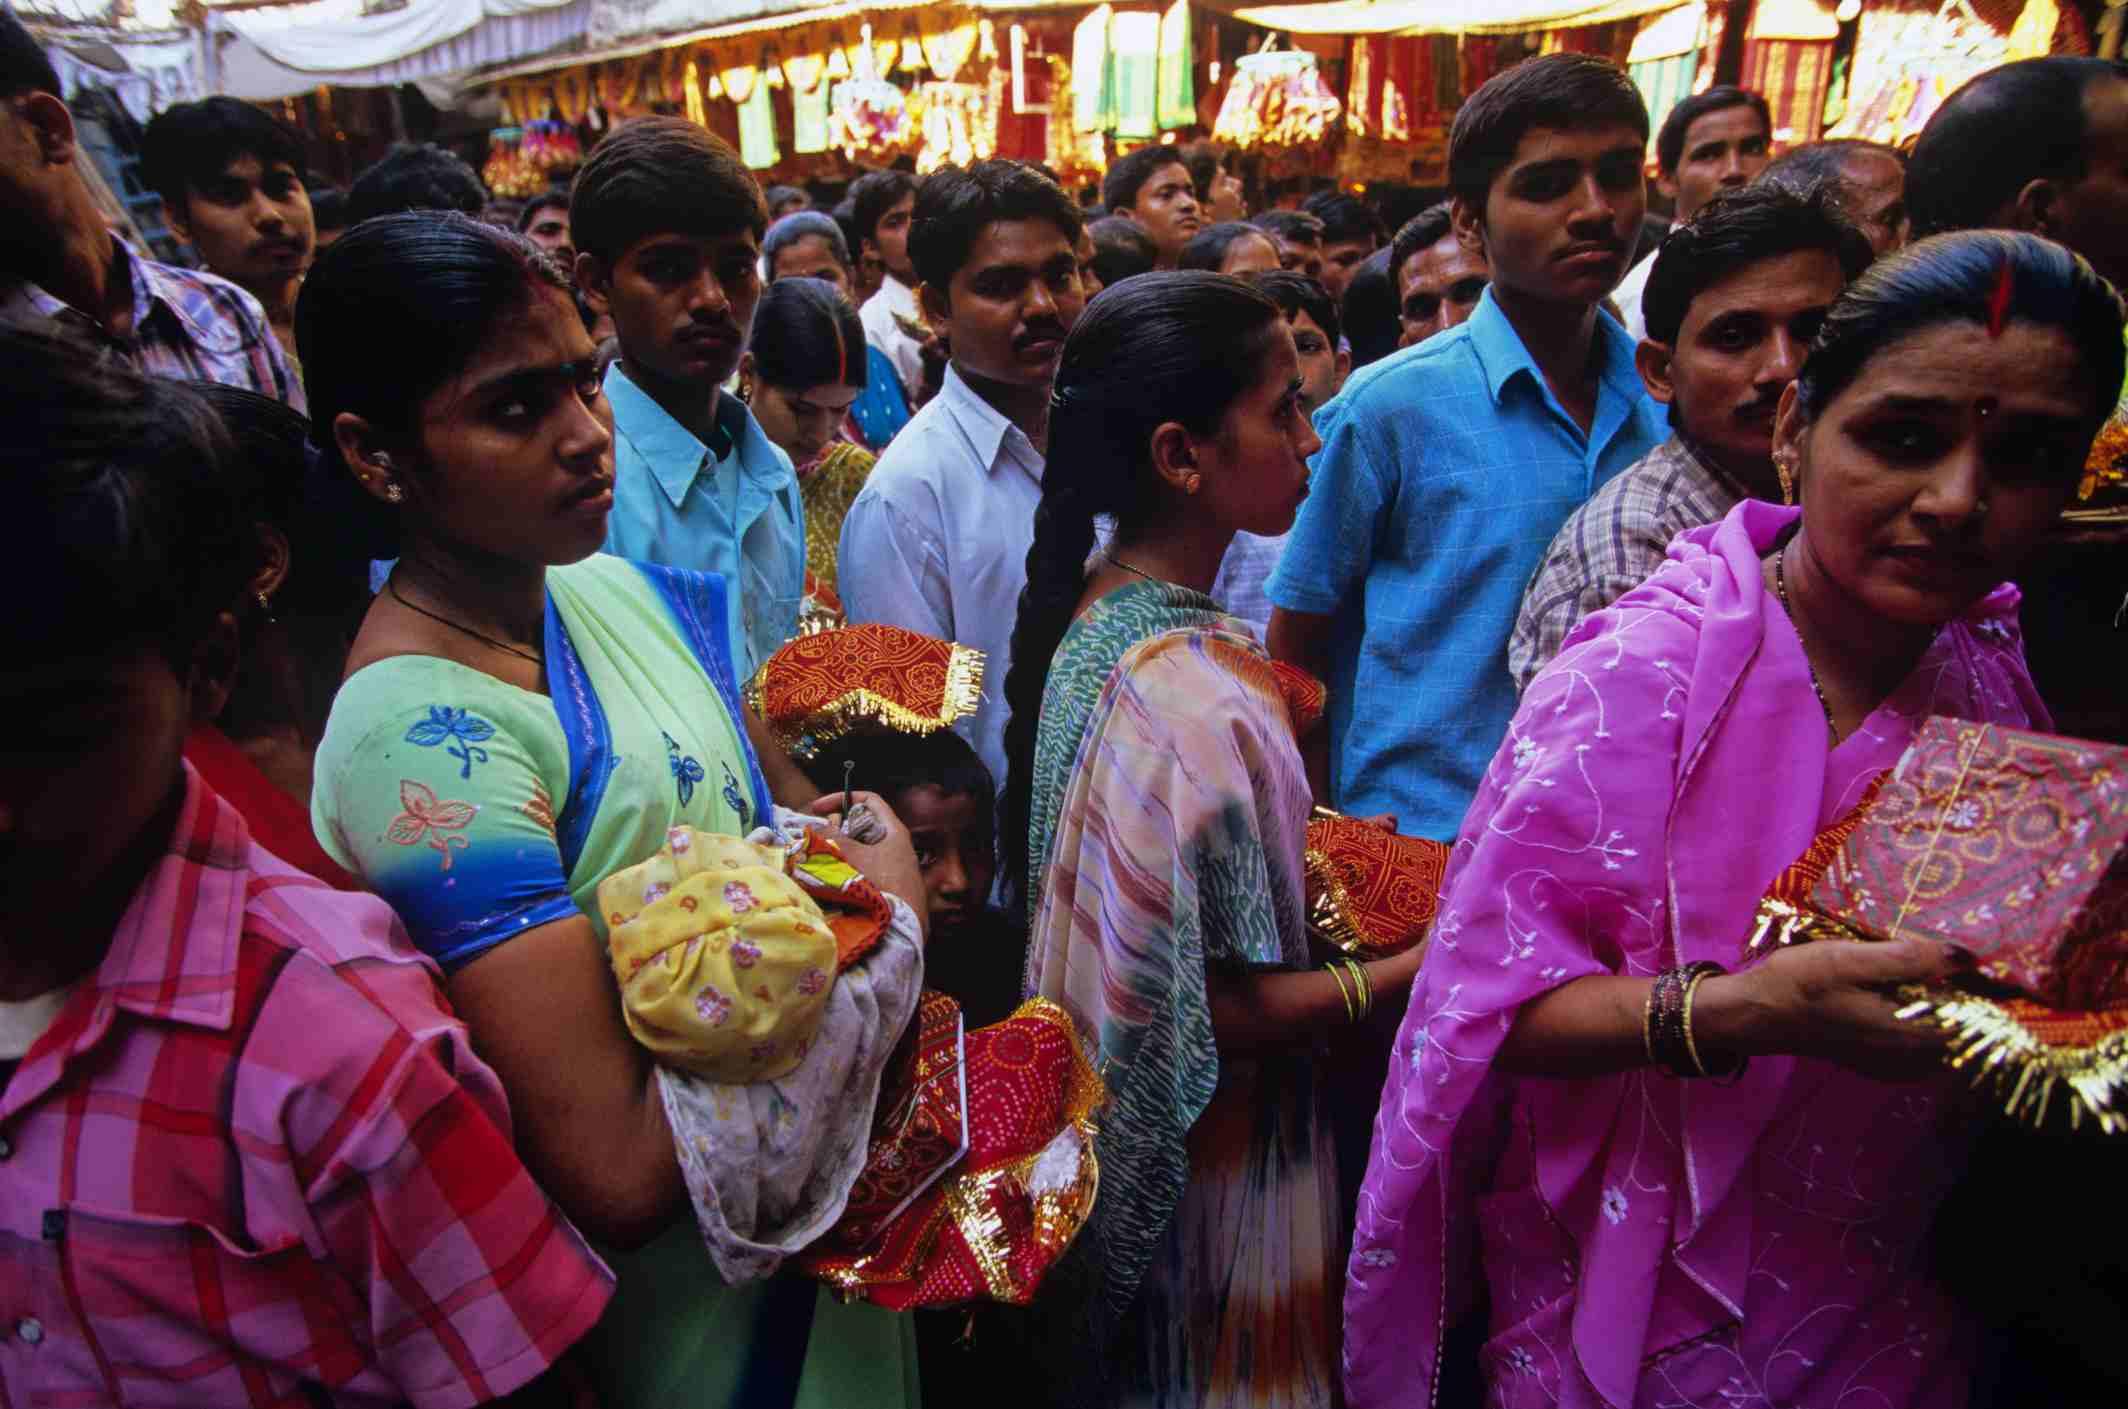 Mahalaxmi temple devotees, Mumbai.